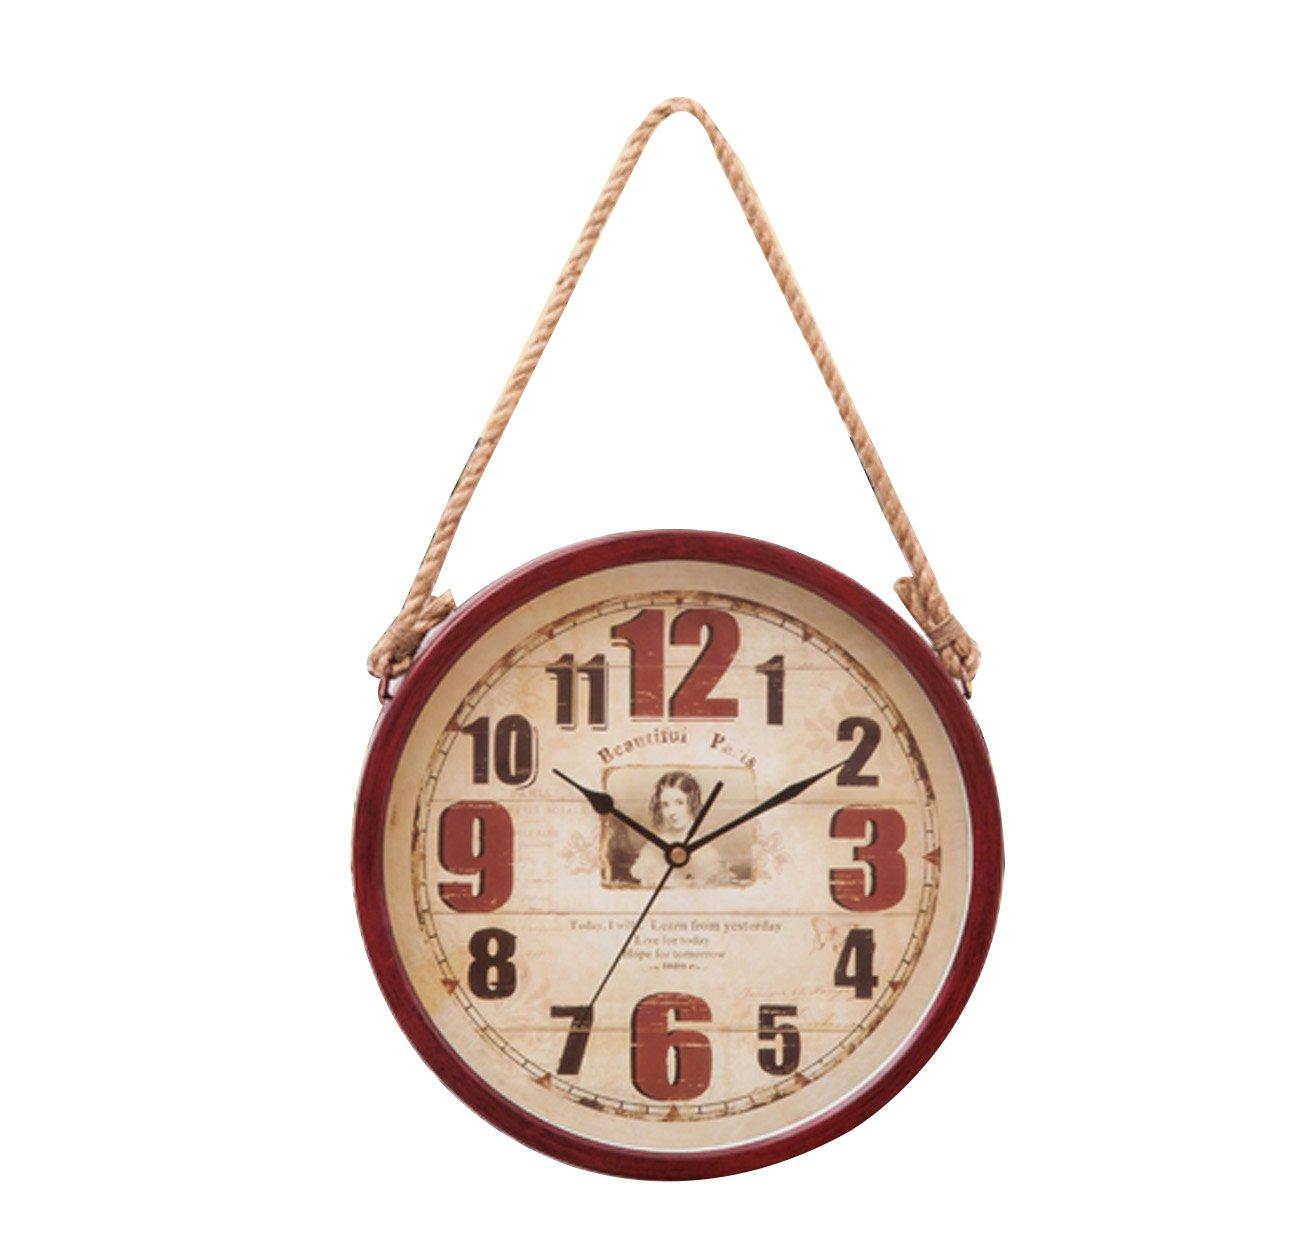 オールドレトロウォールクロック、パーソナリティアメリカンスタイルミュート吊り時計麻ロープ、居間/寝室/オフィス/カフェ/バー装飾ヴィンテージ産業スタイルの壁の装飾時計(30 * 54センチメートル) (色 : 赤) B07D2F17R4 赤 赤